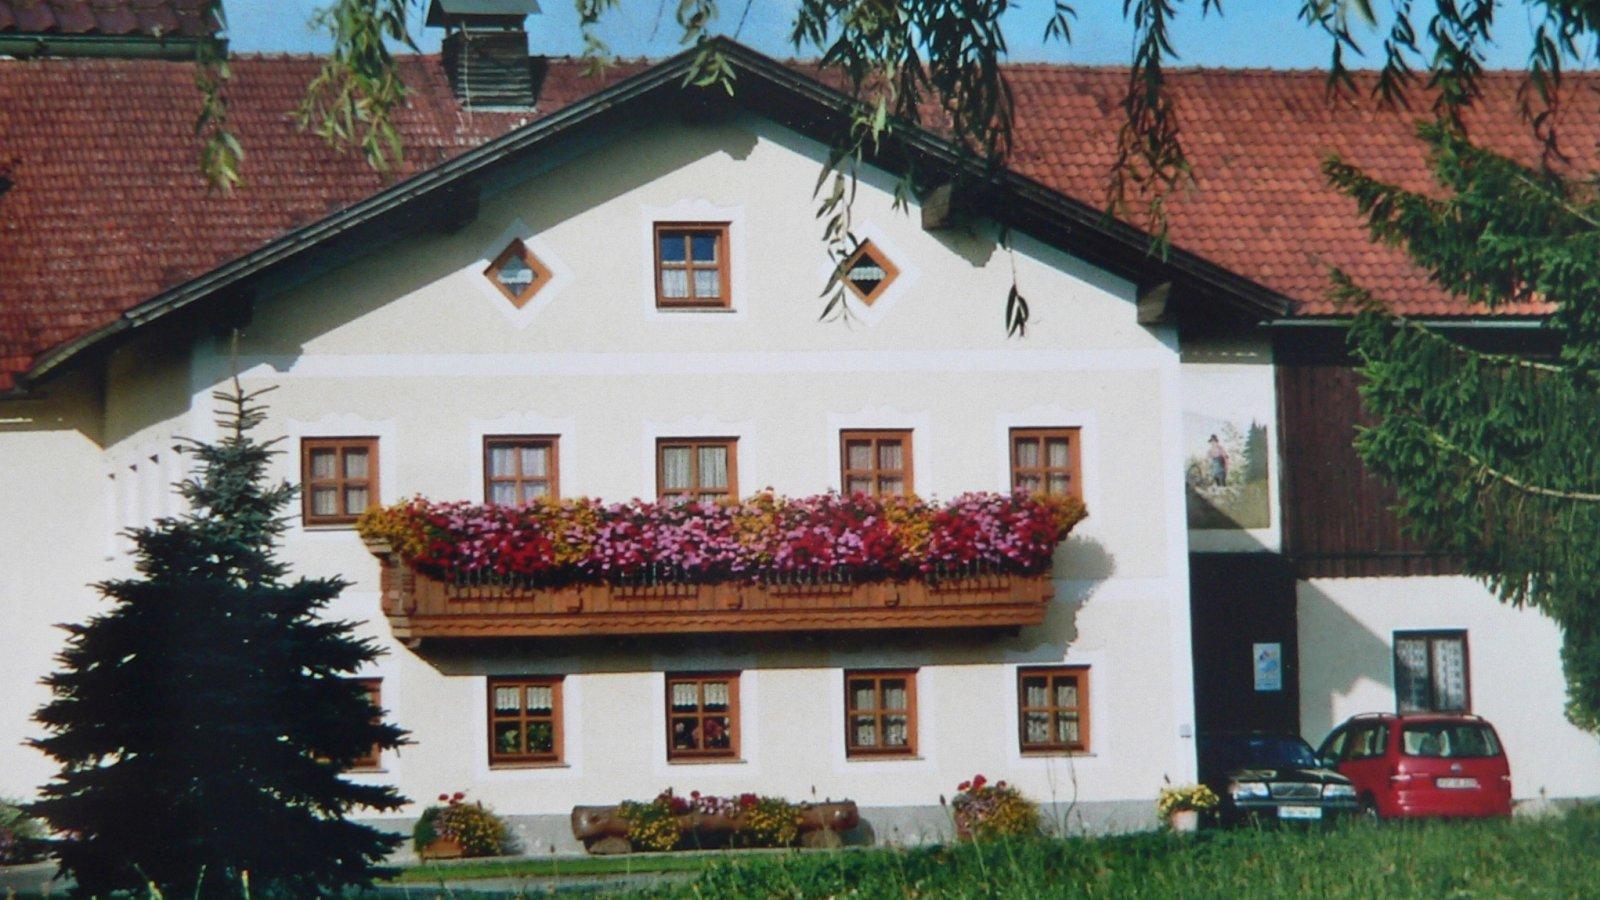 kopp-ferienhof-bauernhofurlaub-bodenmais-ansicht-16-9-1600